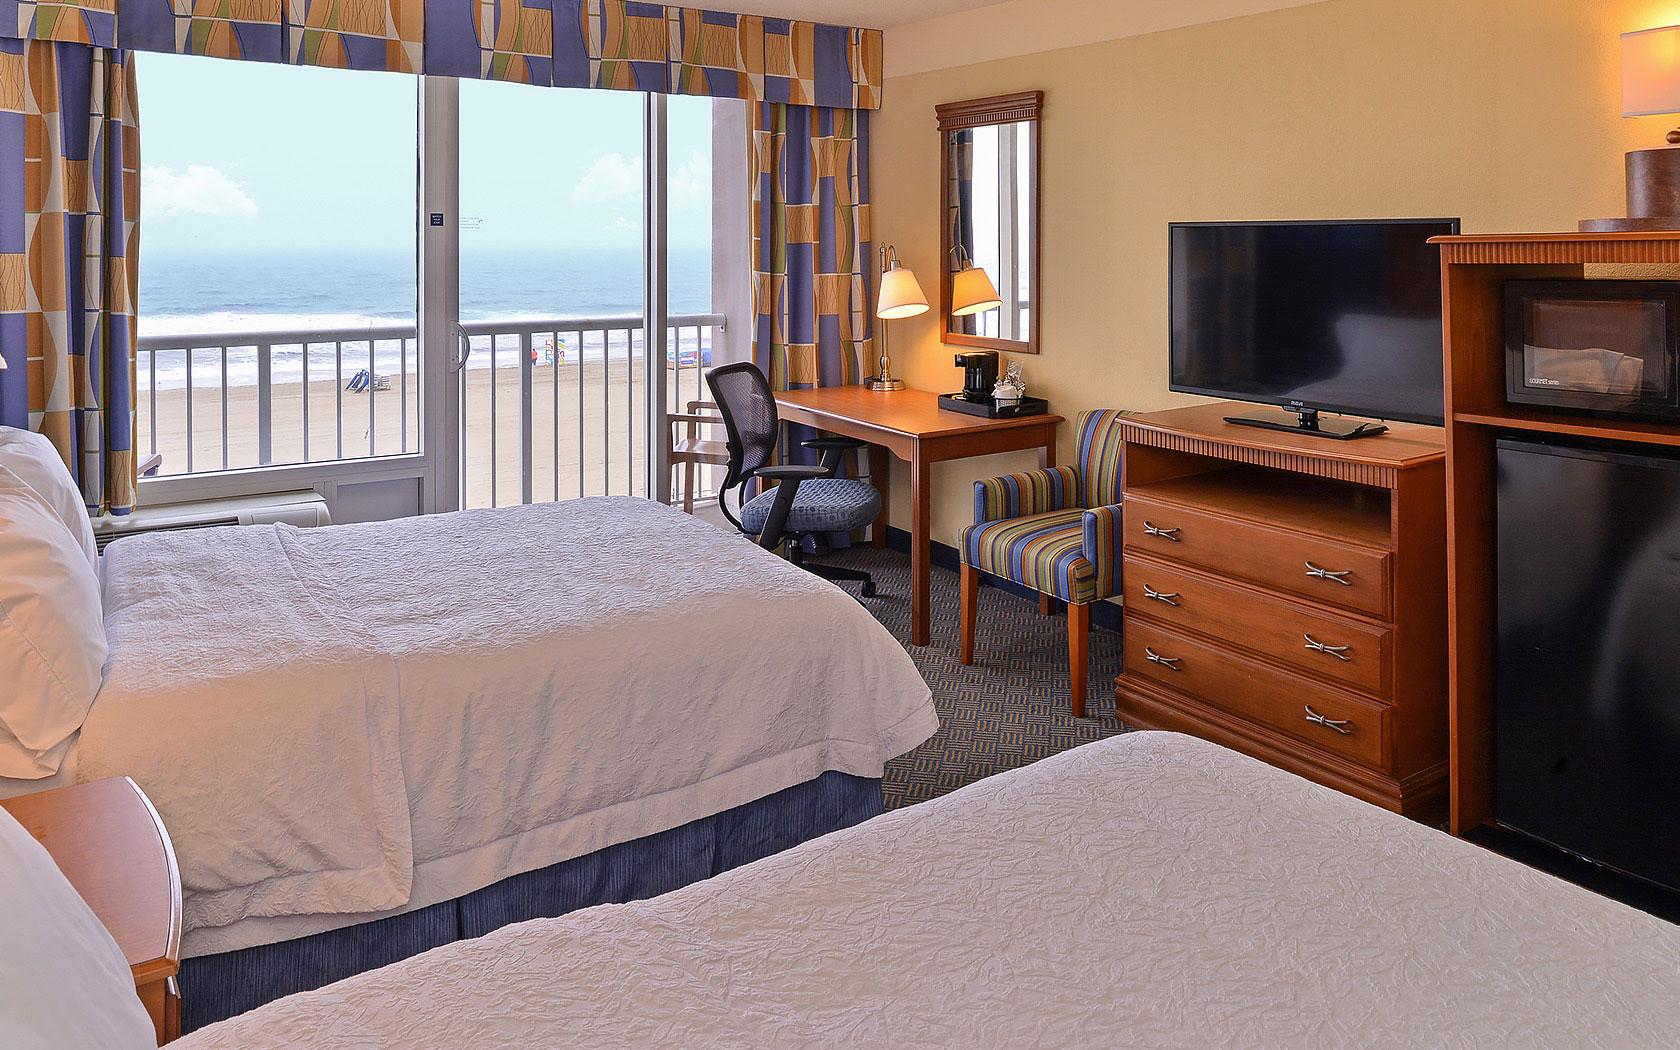 cheap sofas virginia beach where can i donate an old sofa hampton inn oceanfront north hotels near